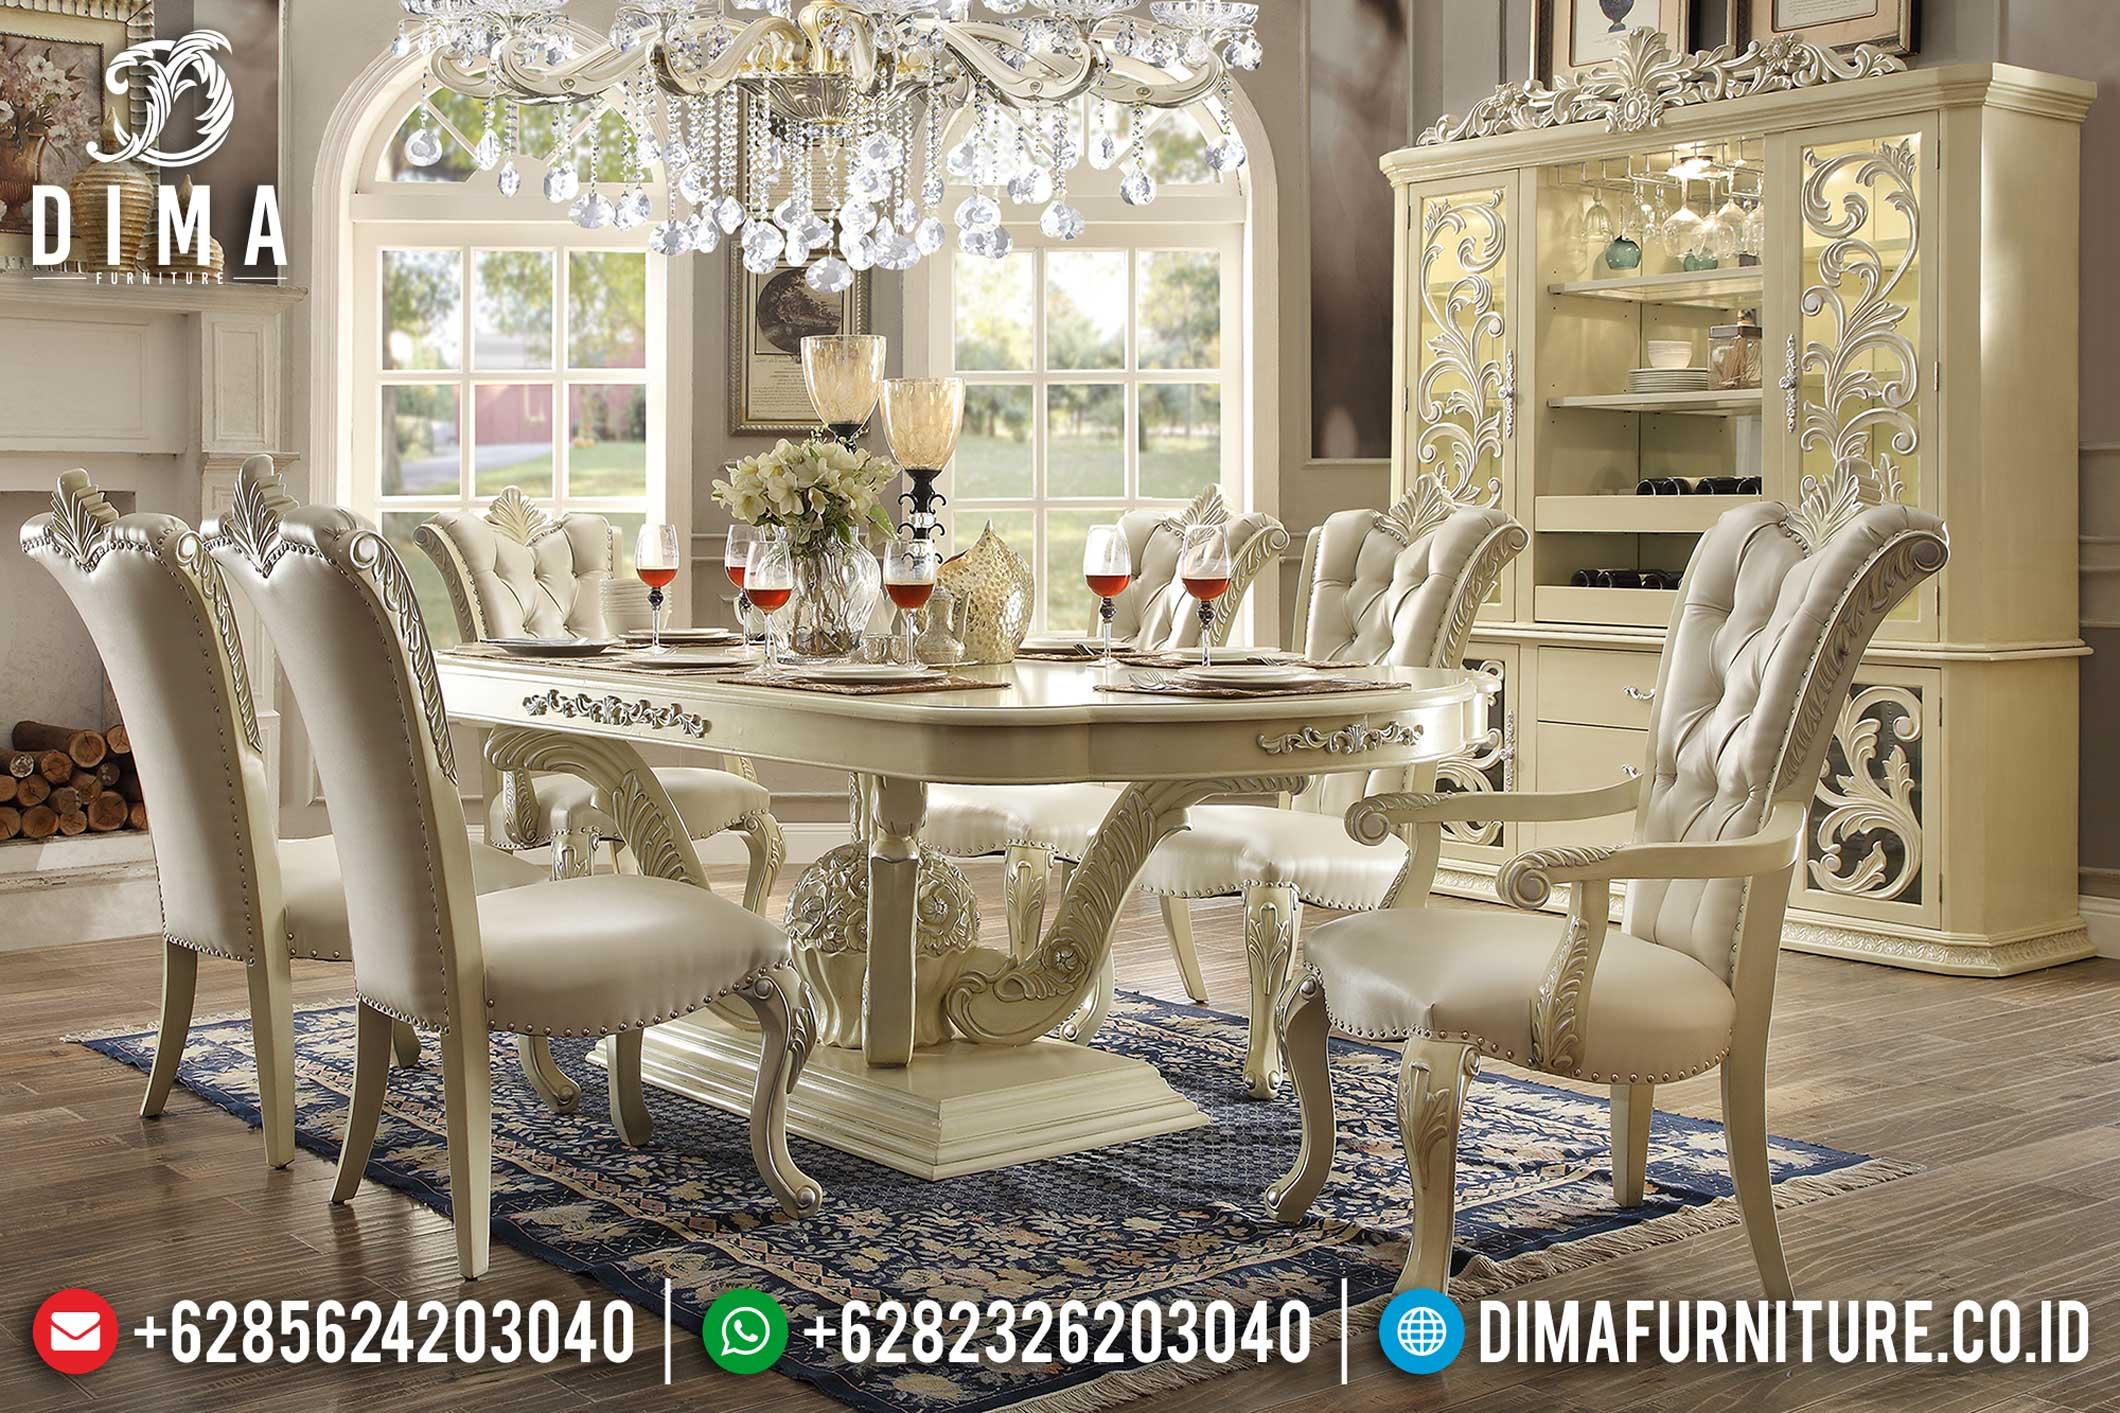 Mebel Jepara Terbaru Set Kursi Meja Makan Mewah Minimalis Ivory DF-0354